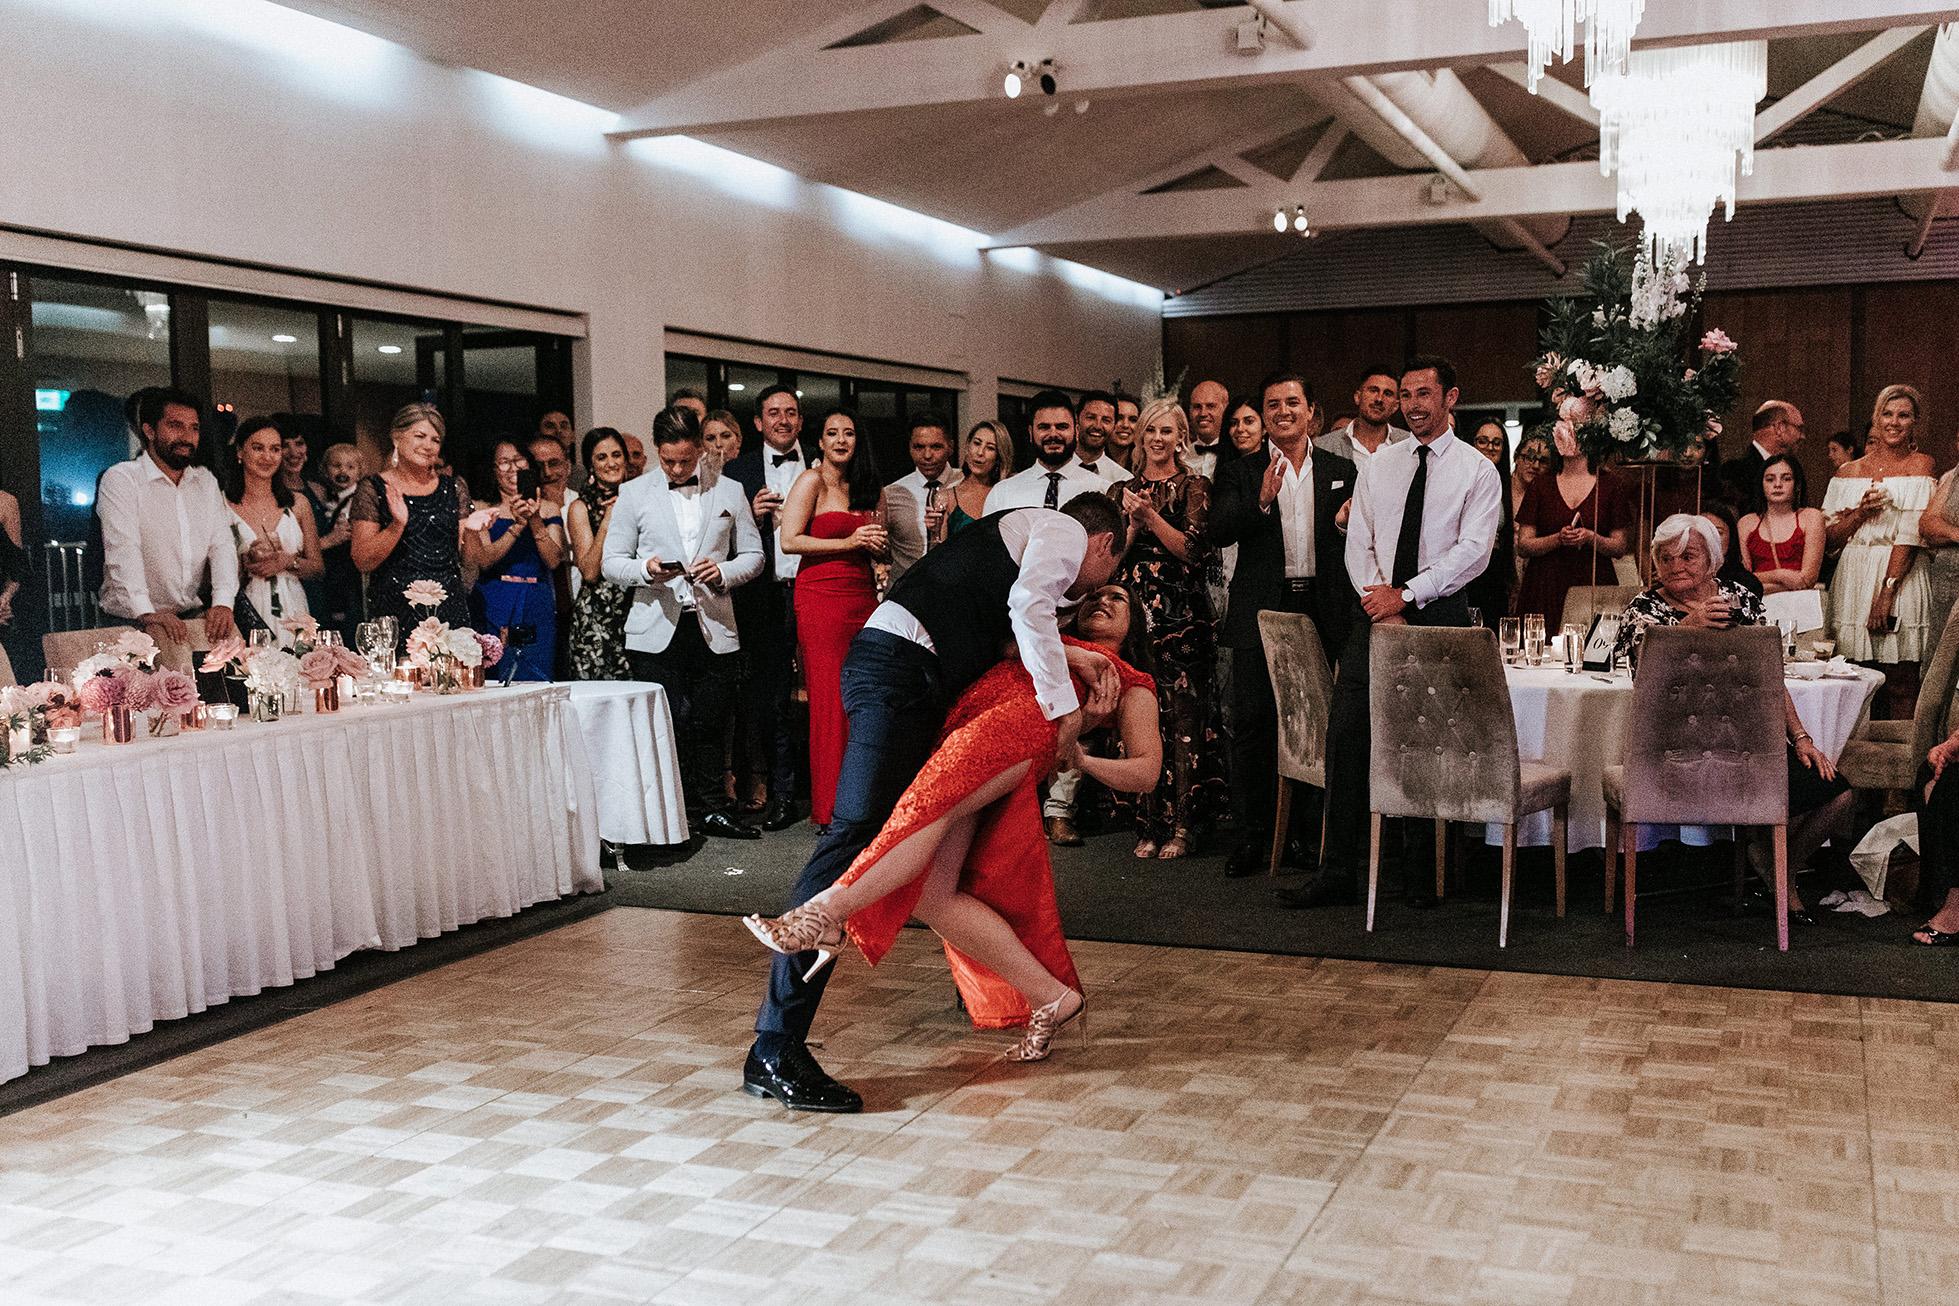 jacinta-blake-mills-wedding-862.jpg